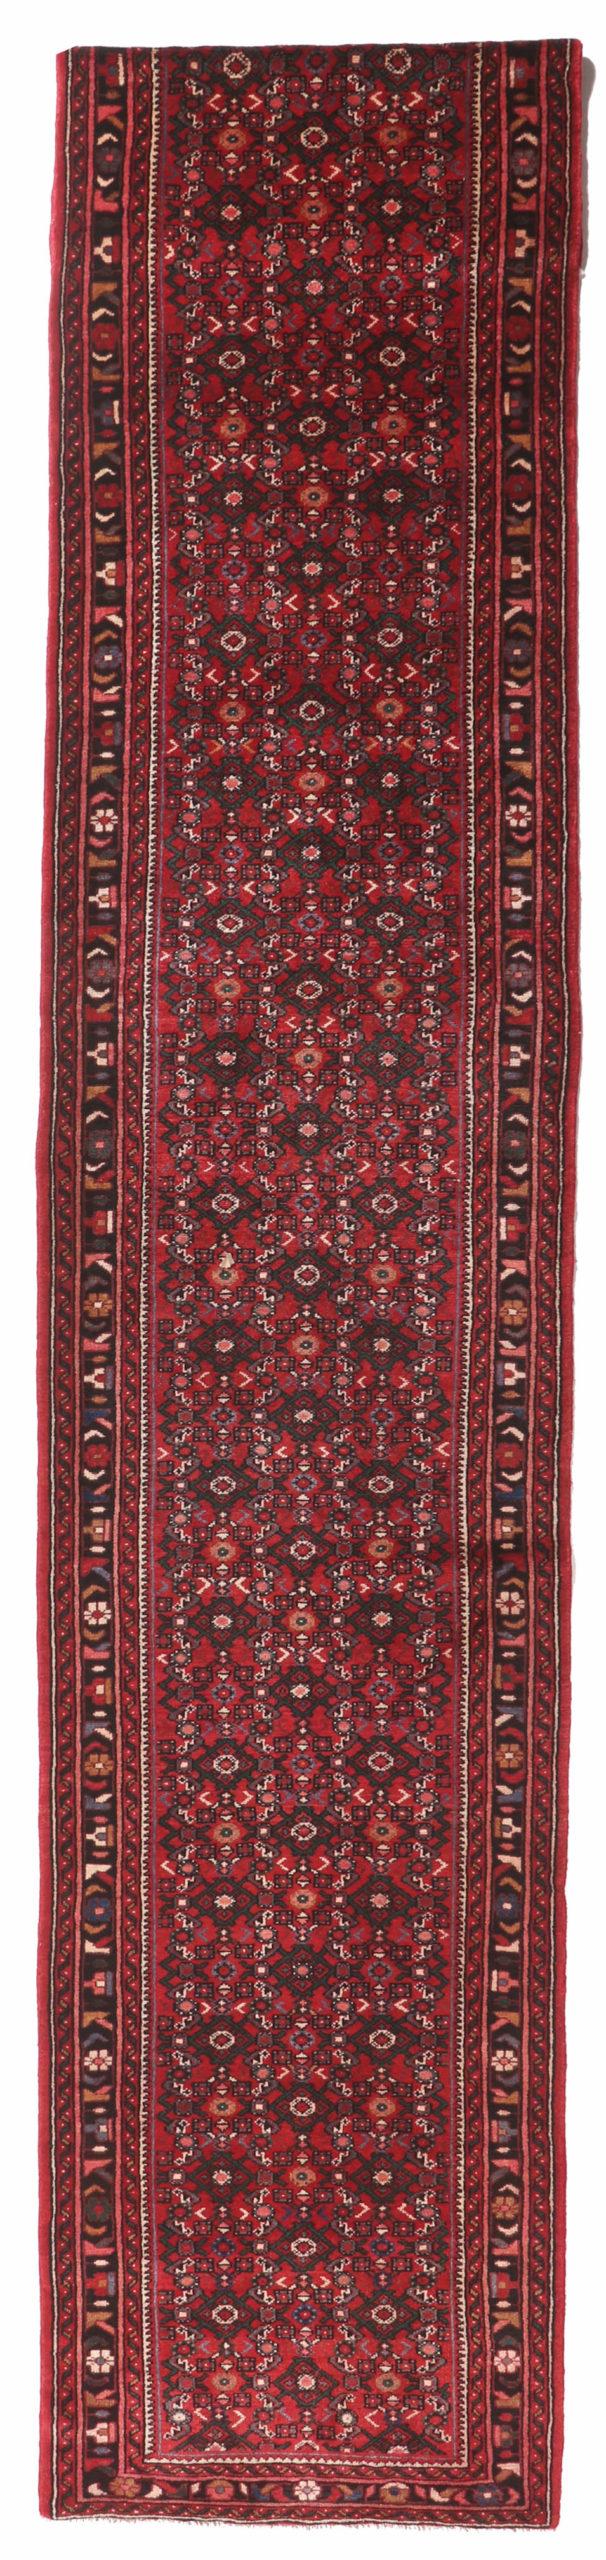 353124 Hosseinabad Size 488 X 90 Cm 1 Scaled